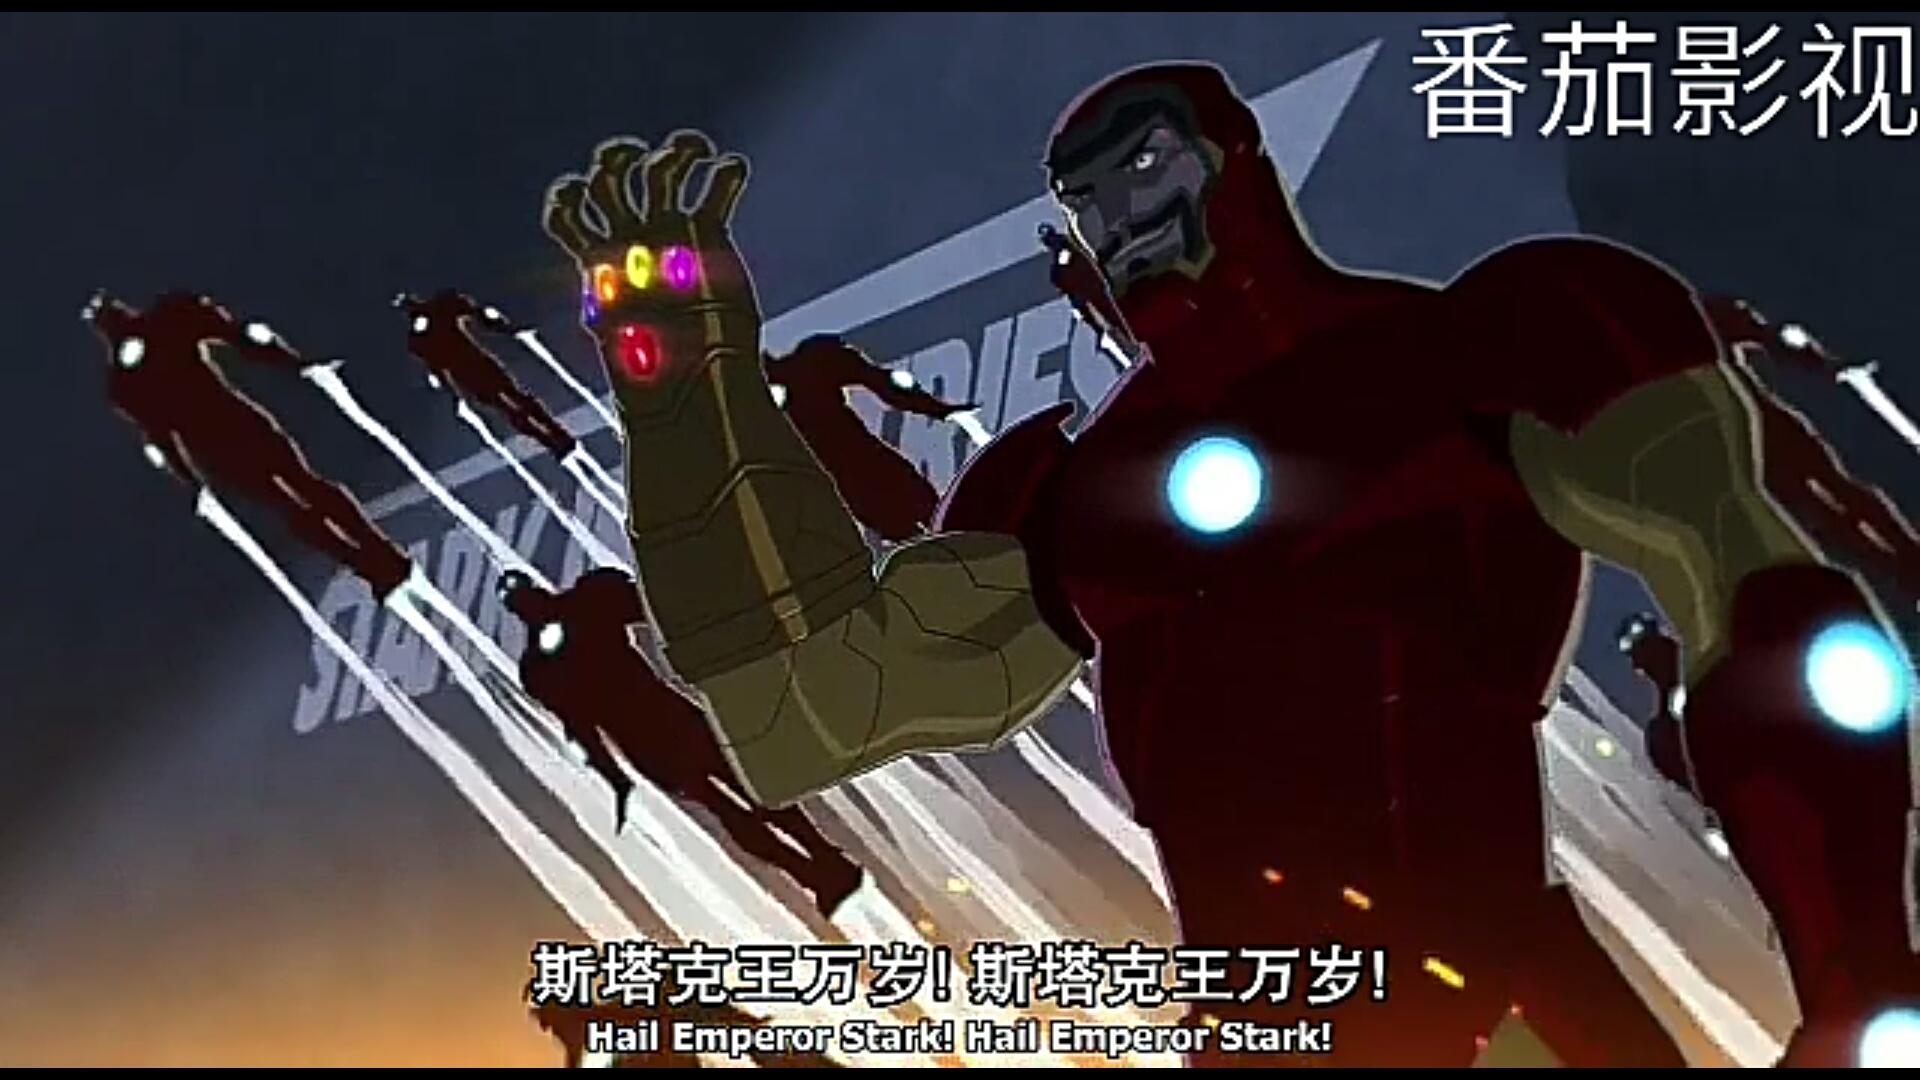 #电影最前线#钢铁侠想私吞无限宝石,成为斯塔克王,被黑寡妇阻止